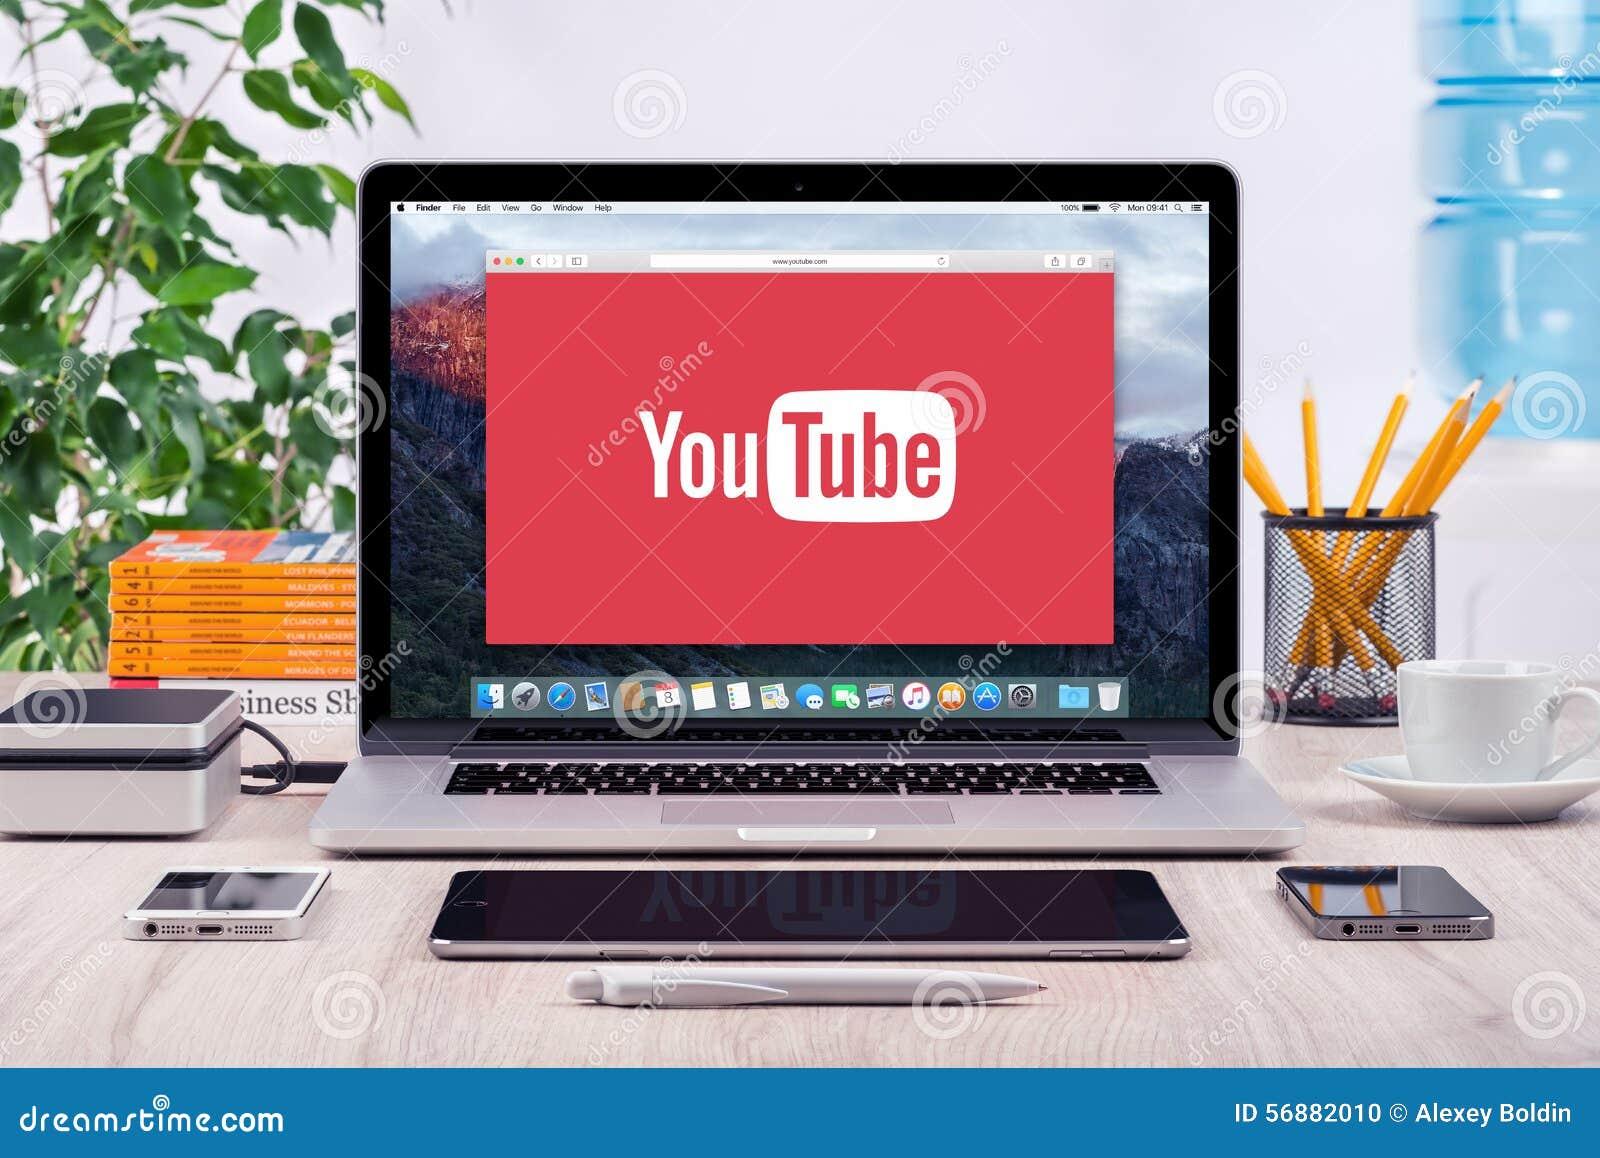 Logotipo de YouTube en la exhibición de Apple MacBook Pro